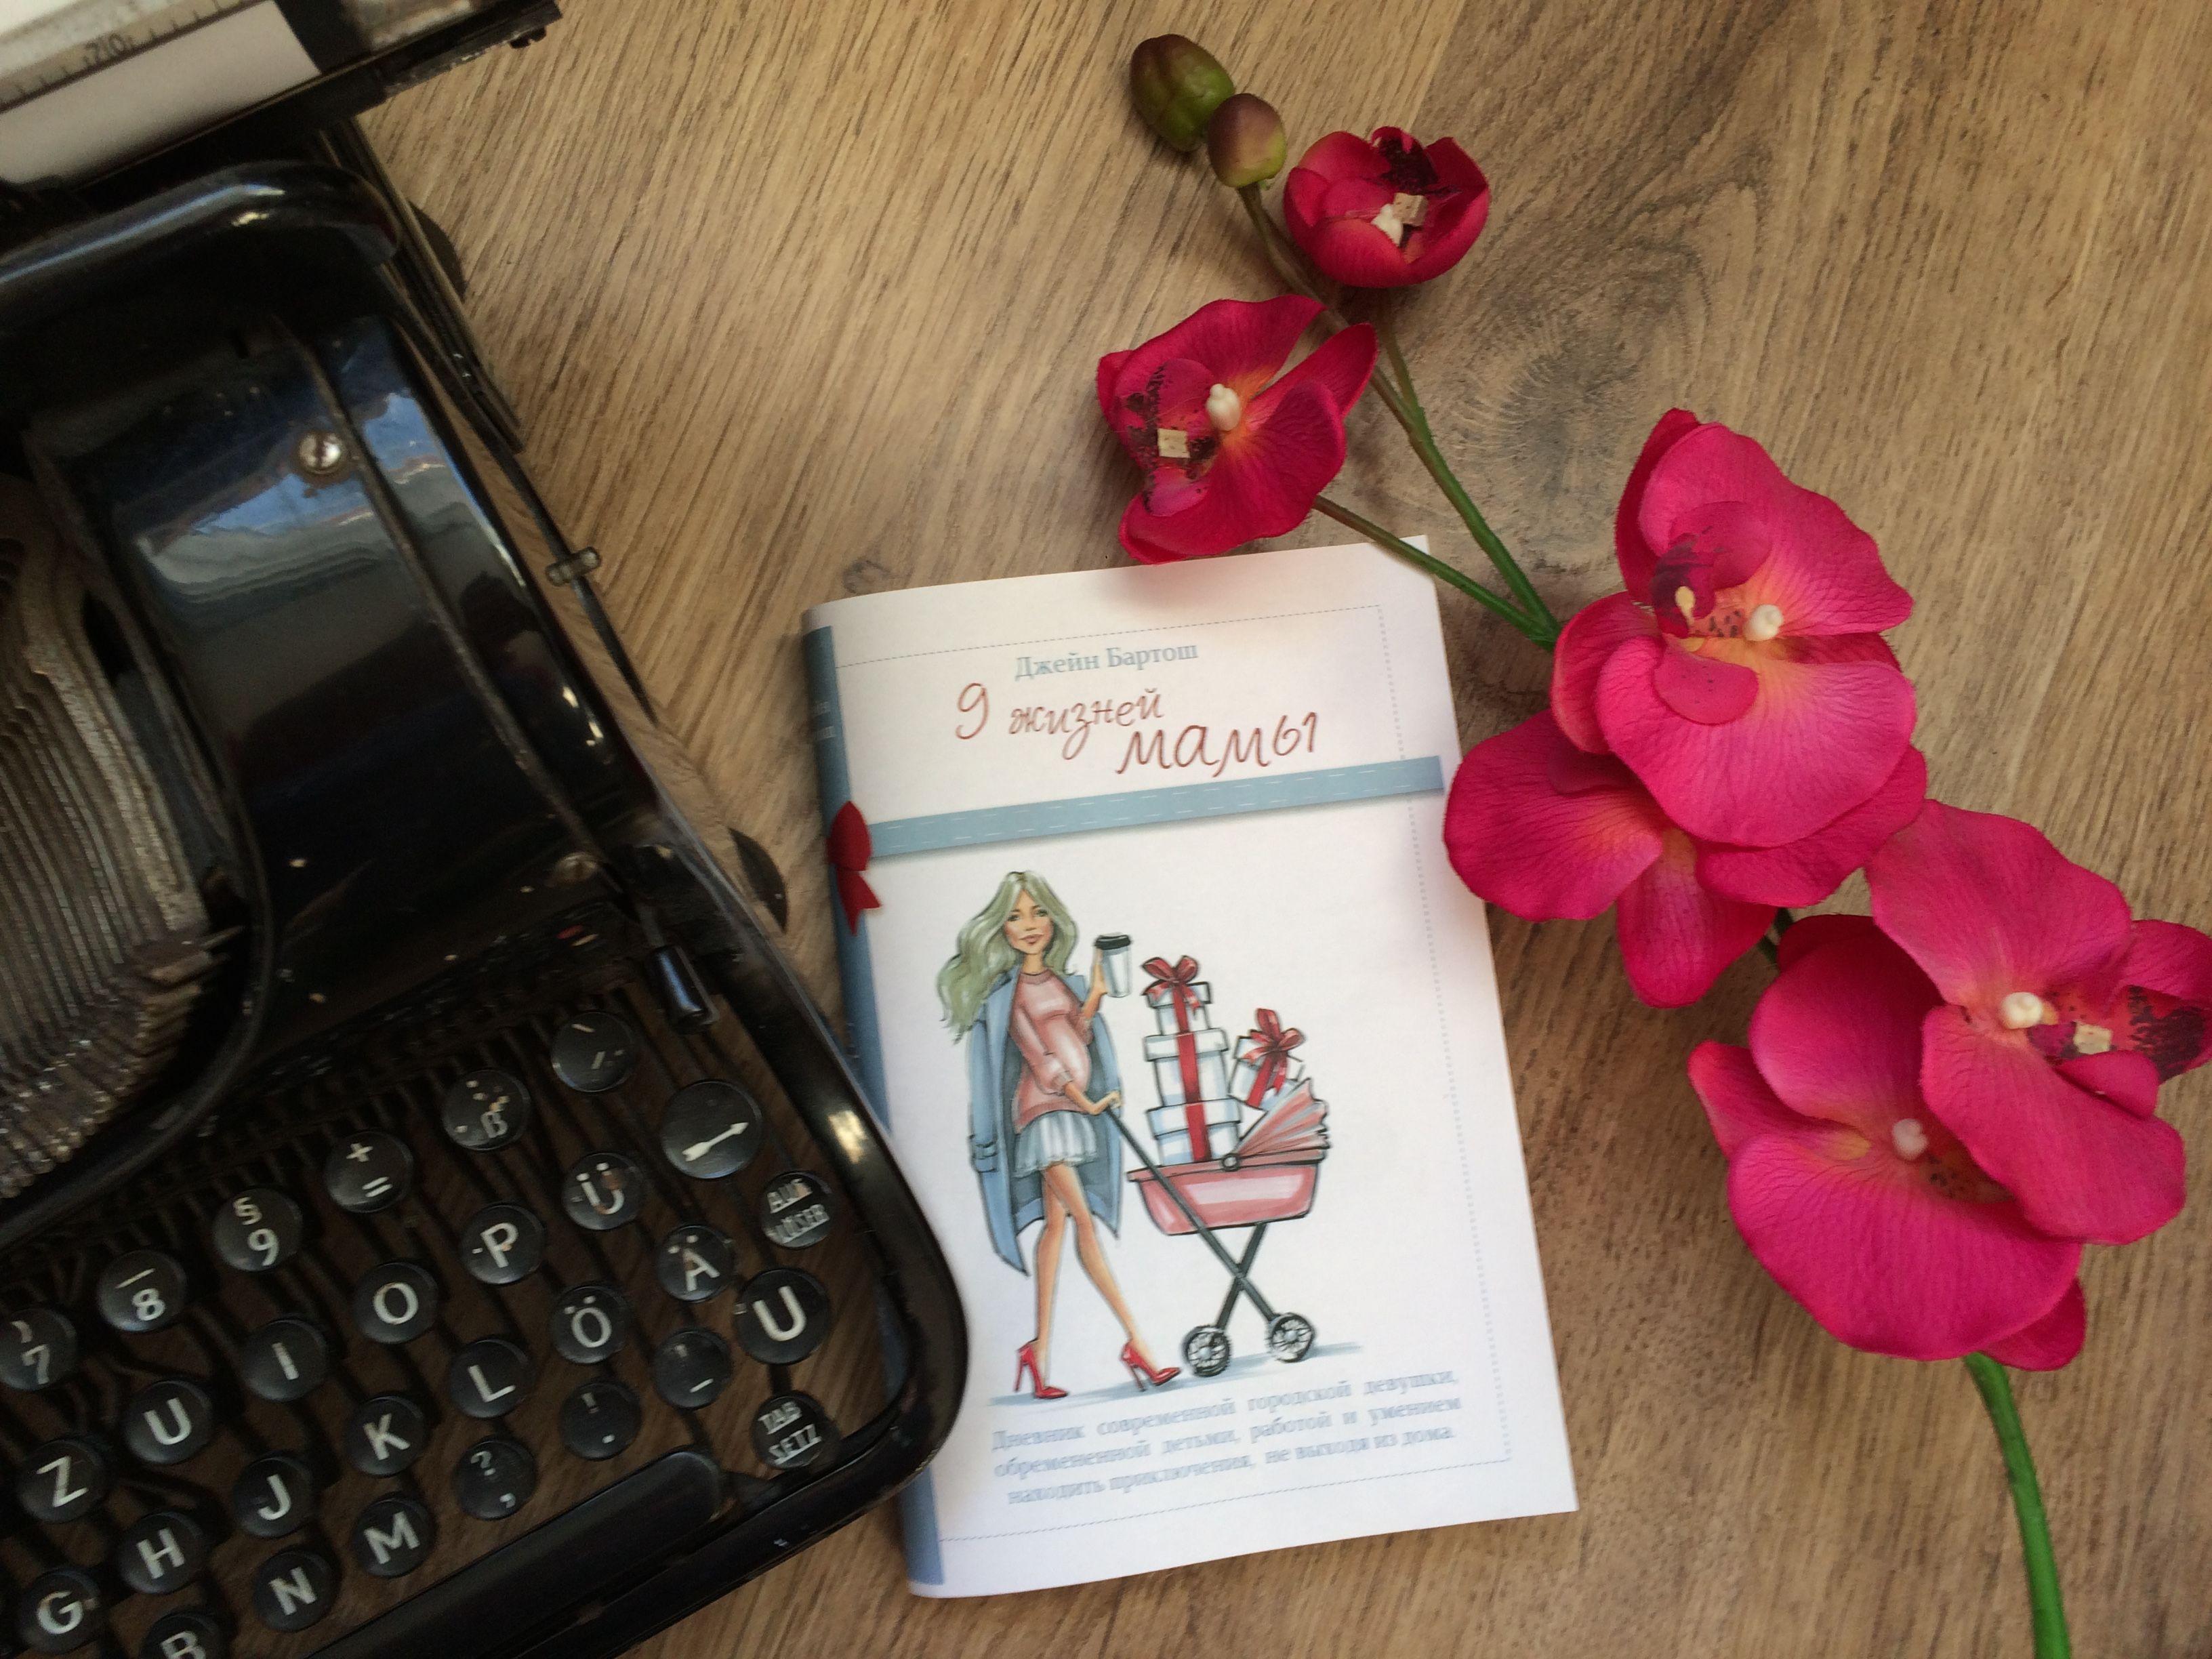 №19362 Книга Джейн Бартош «9 жизней мамы»